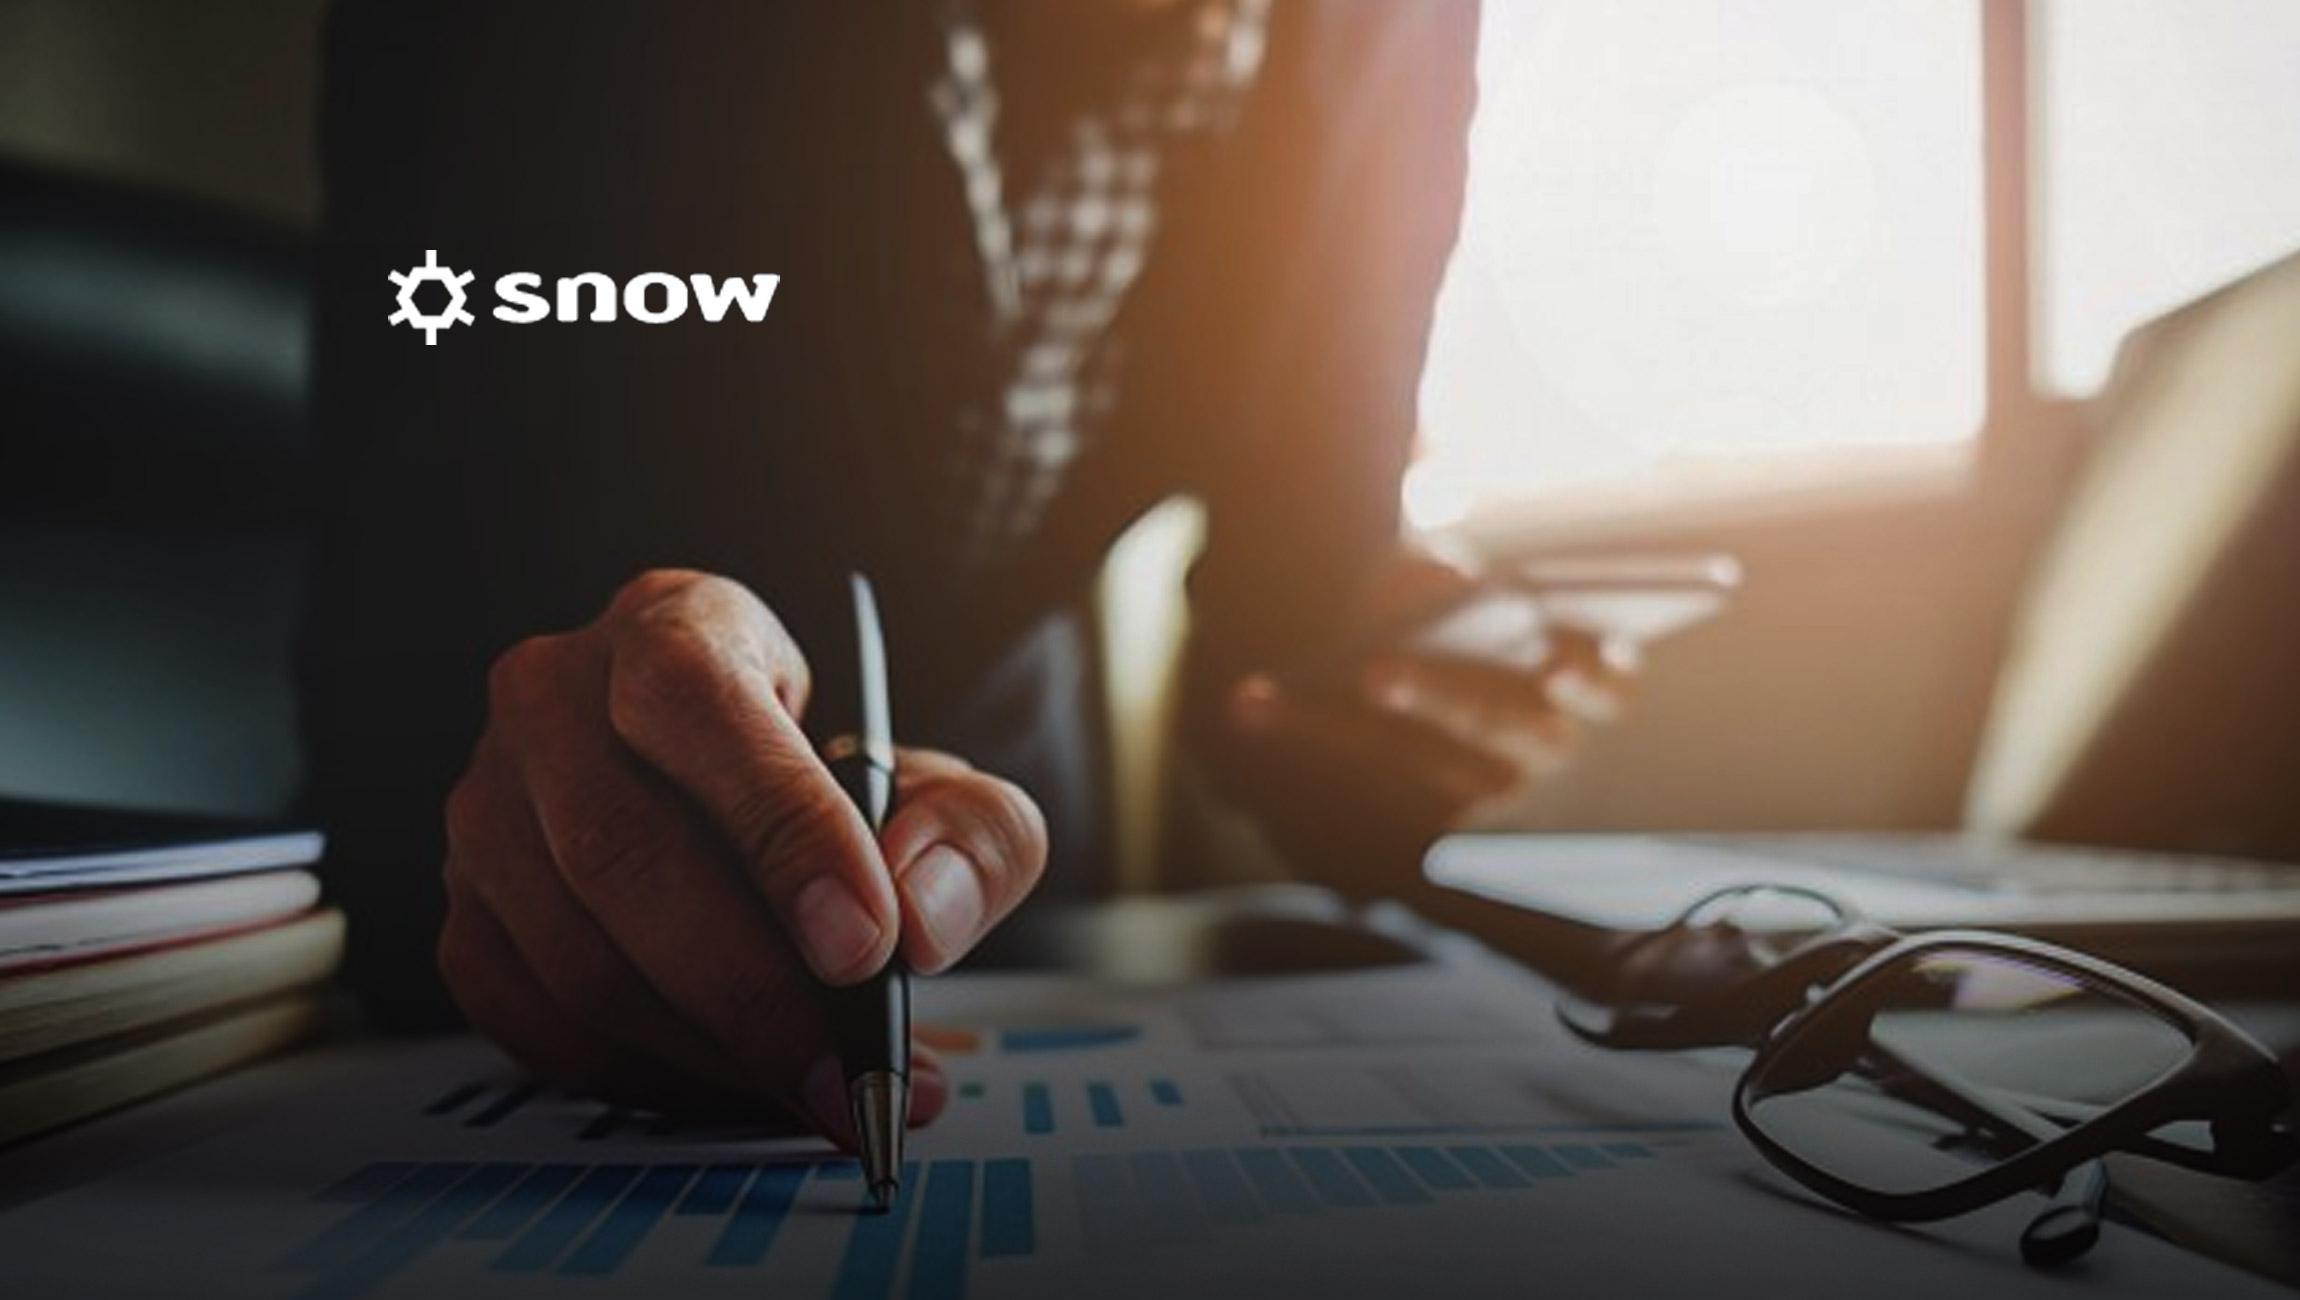 Snow Software Surpasses $100 Million in Annual Recurring Revenue